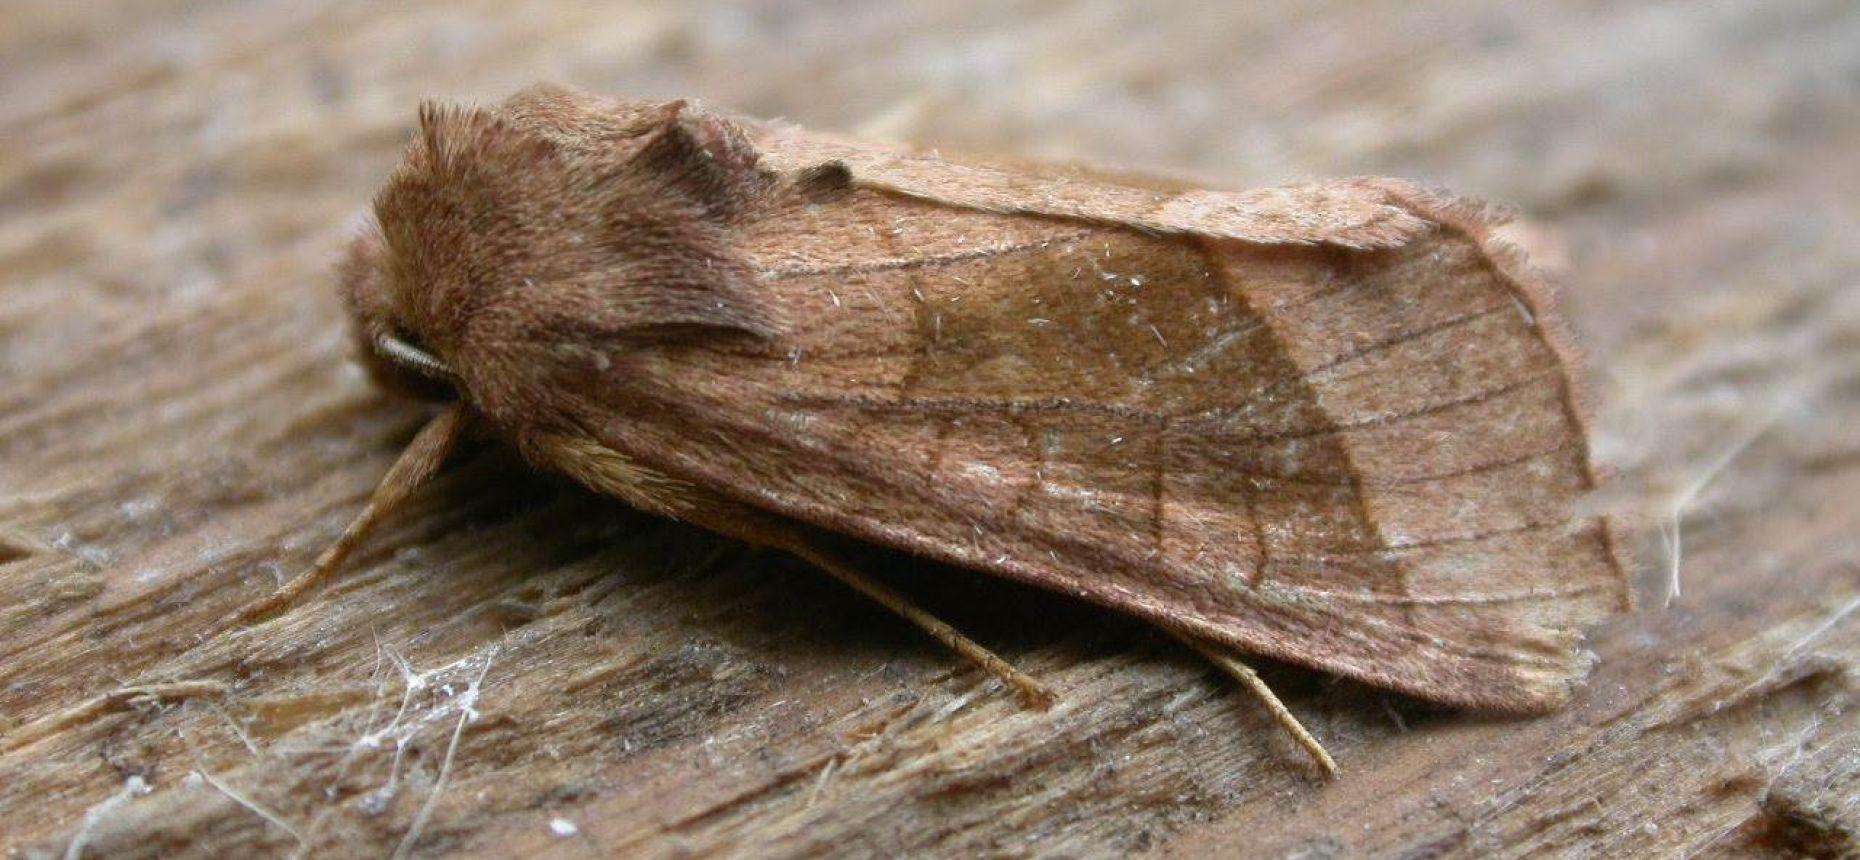 Совка картофельная - Hydraecia micacea (Esper)